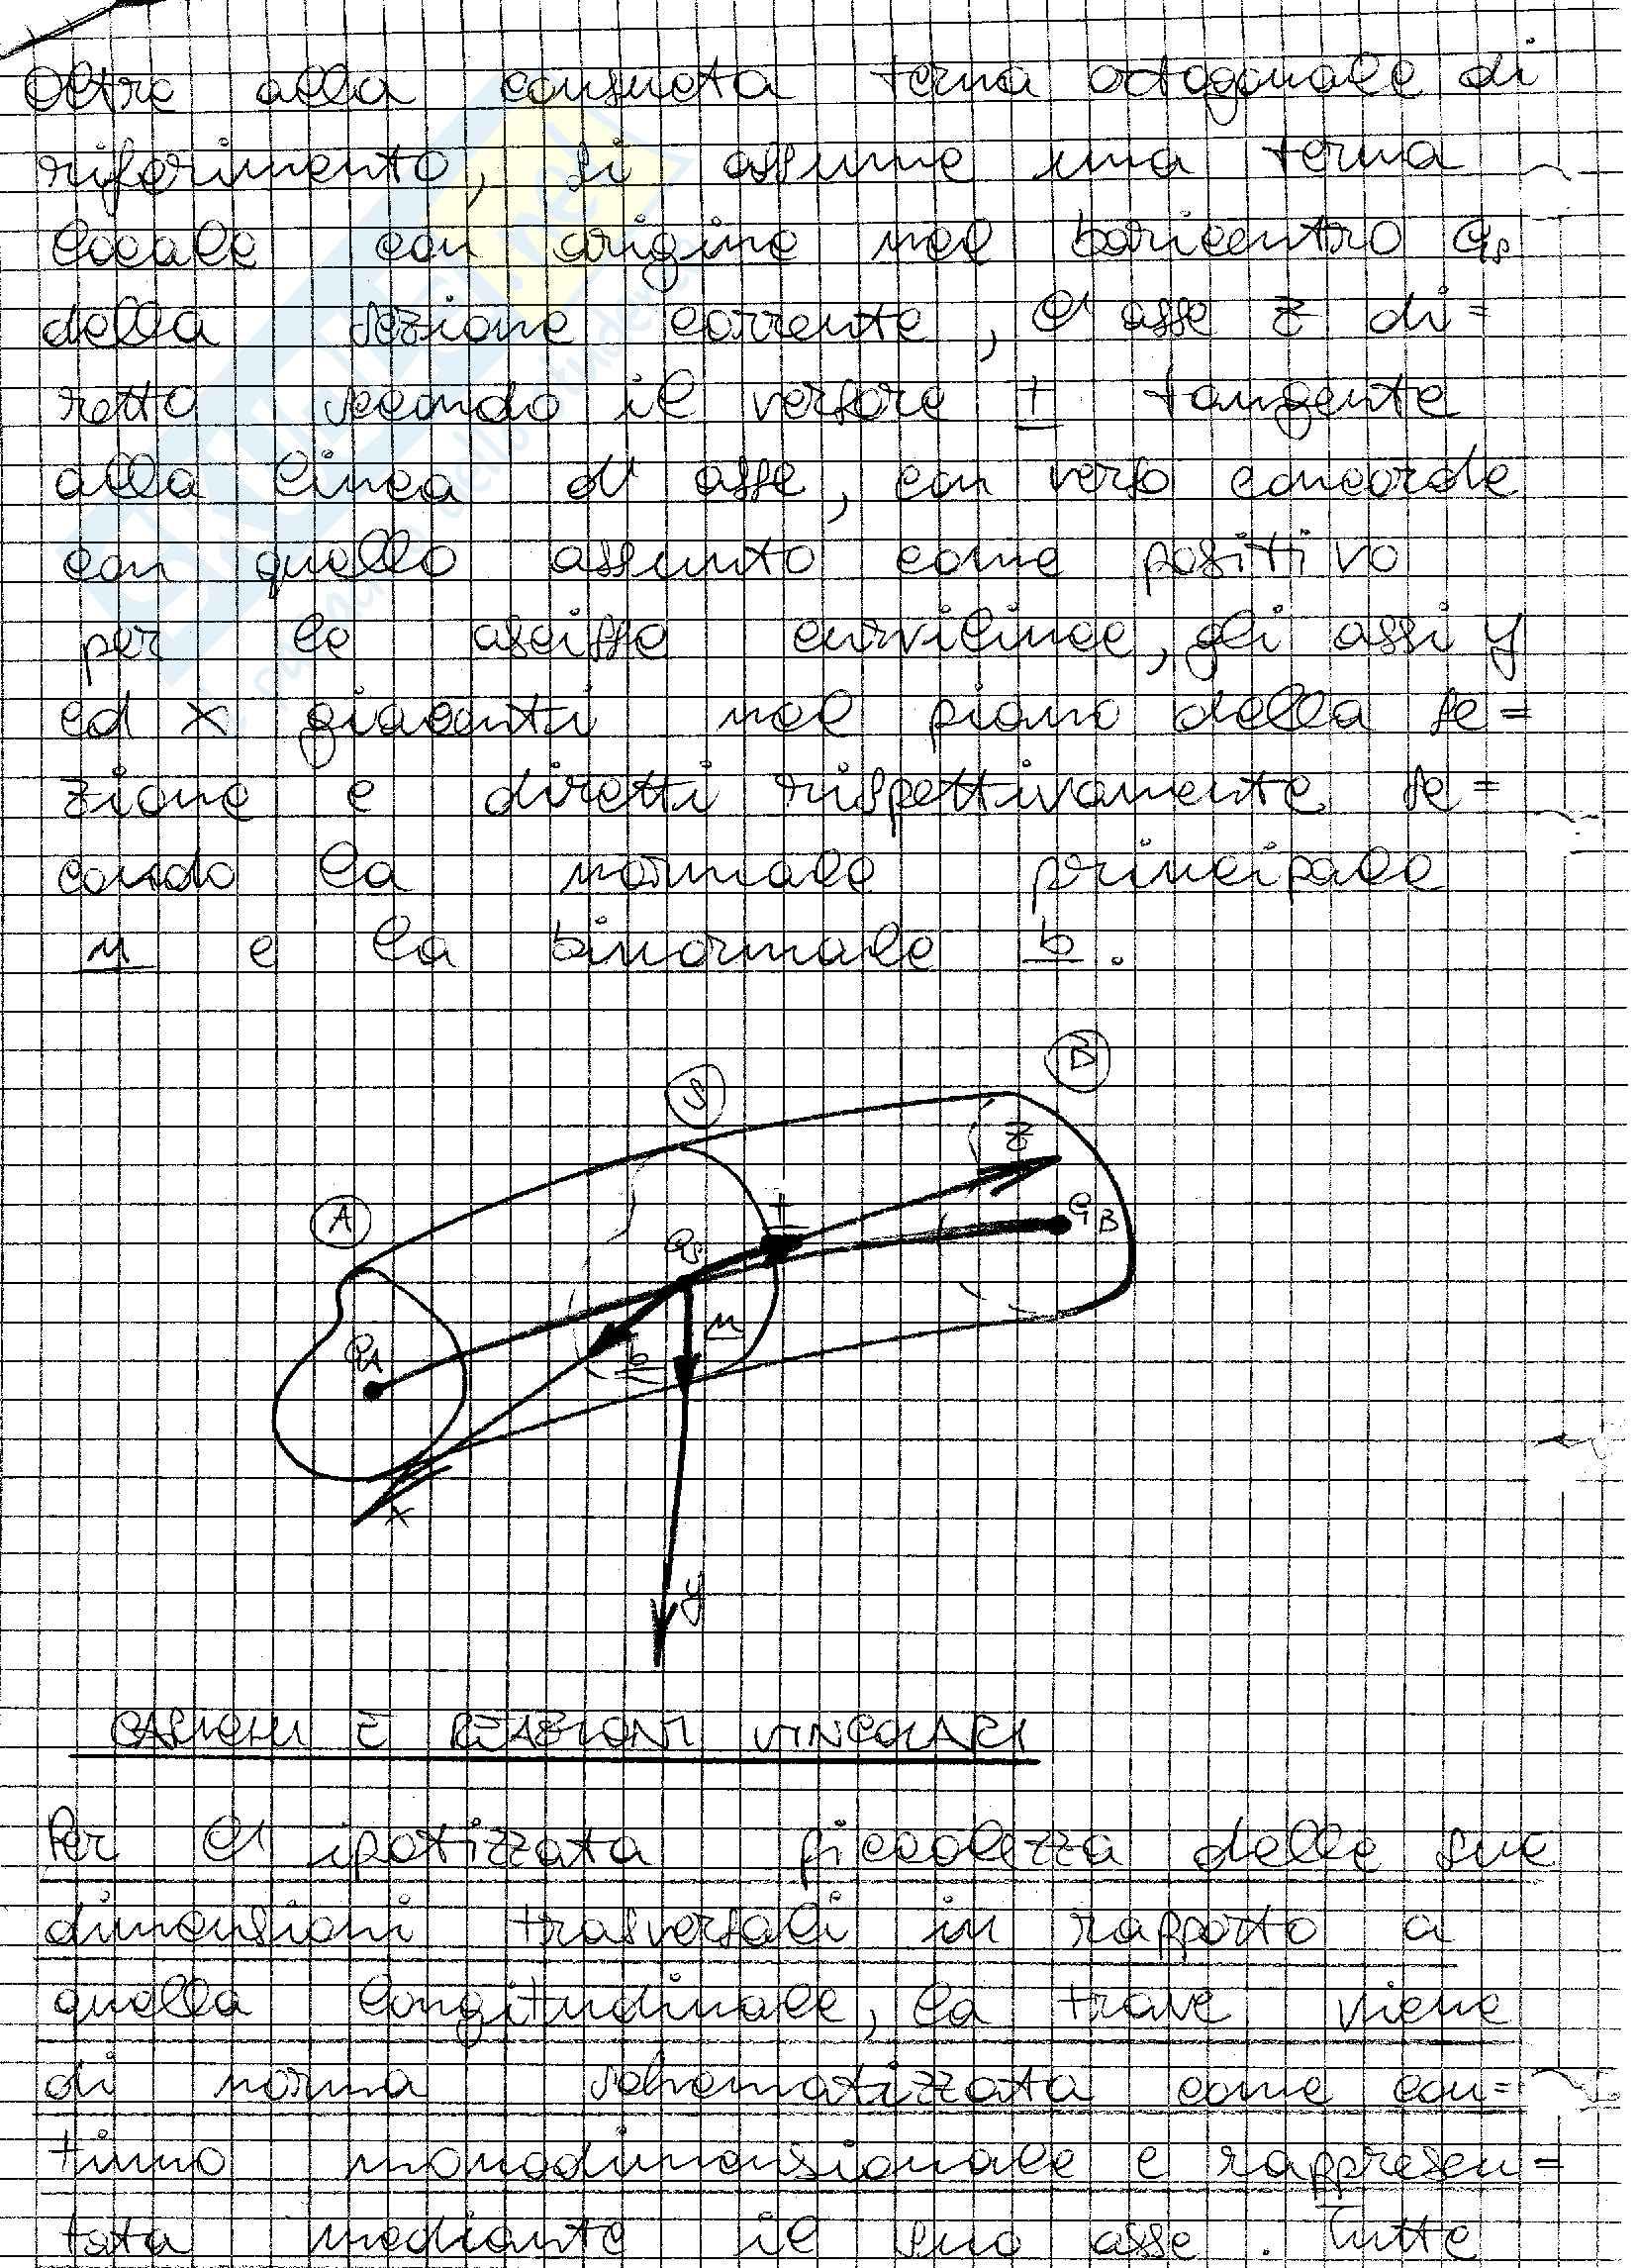 Telai piani, diagrammi qualitativi, metodo degli spostamenti e delle forze Pag. 2